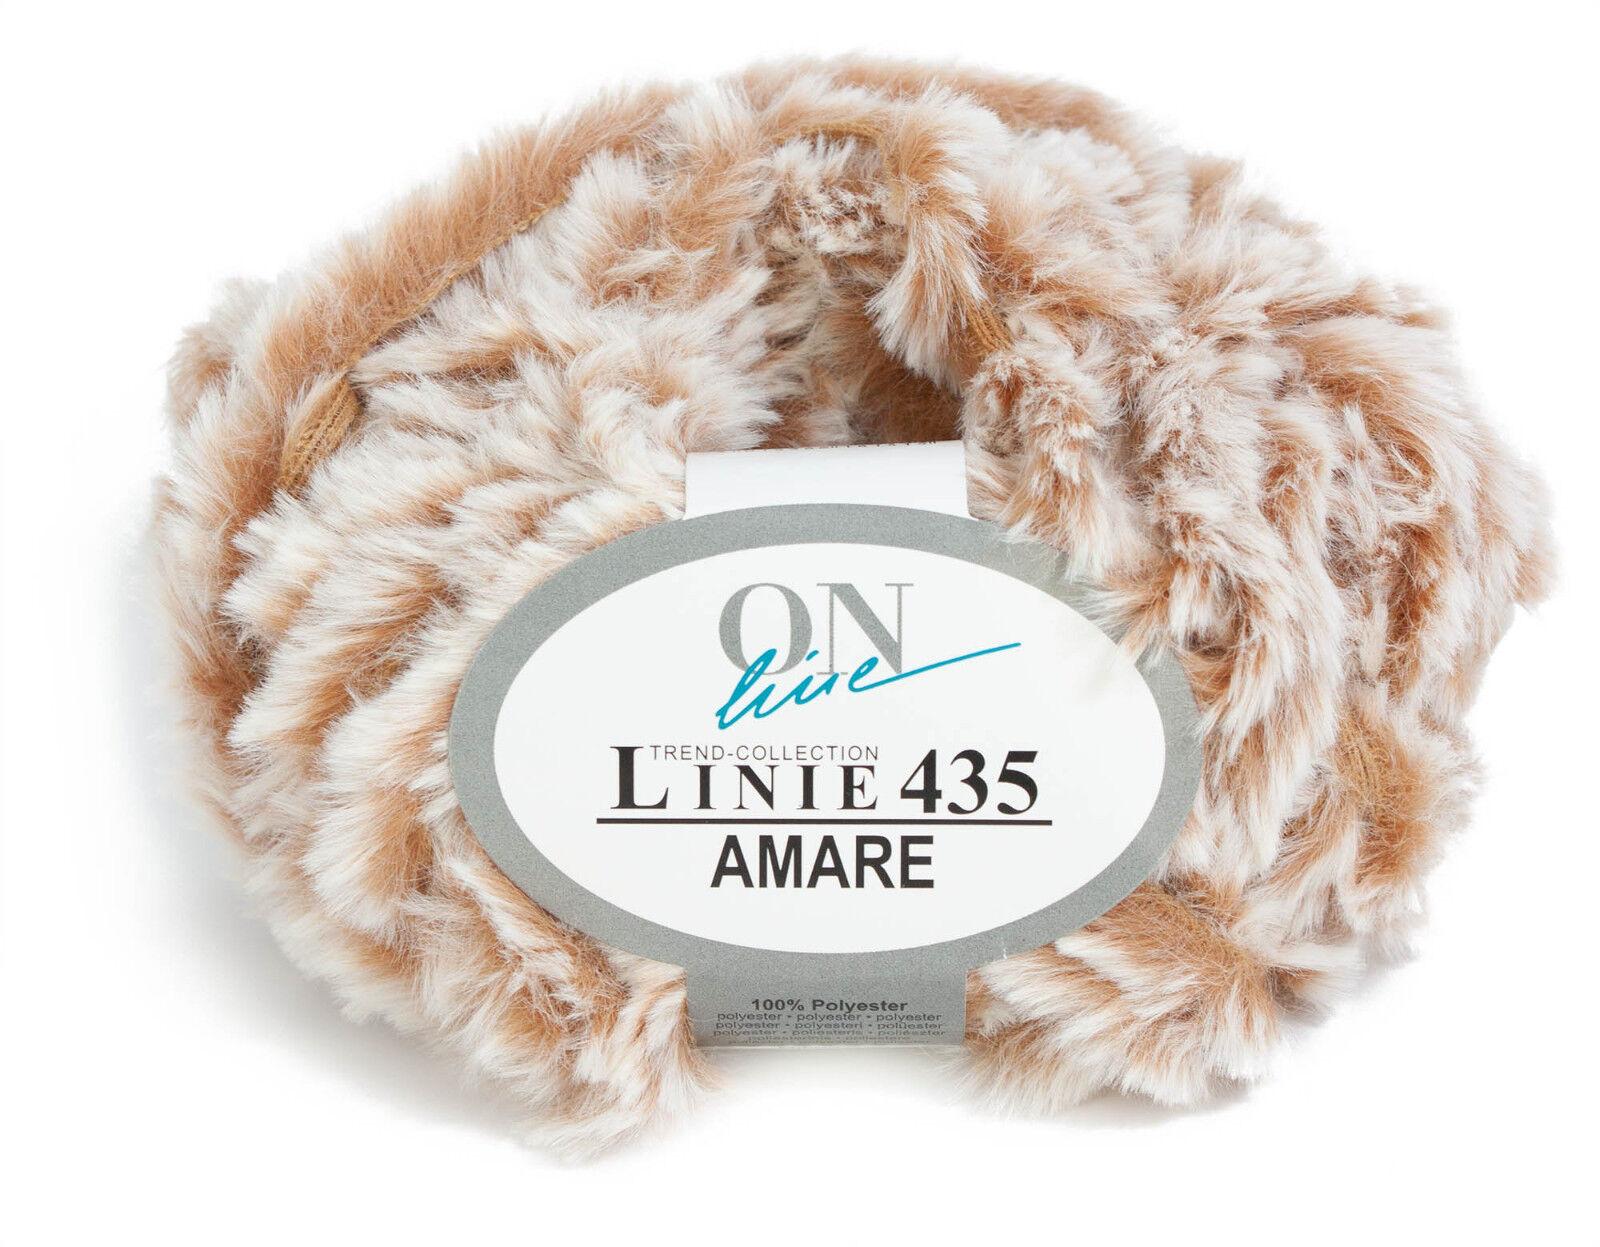 LINIE 435 AMARE 50g von Online superweiches, pelzoptik Garn, alle Farben